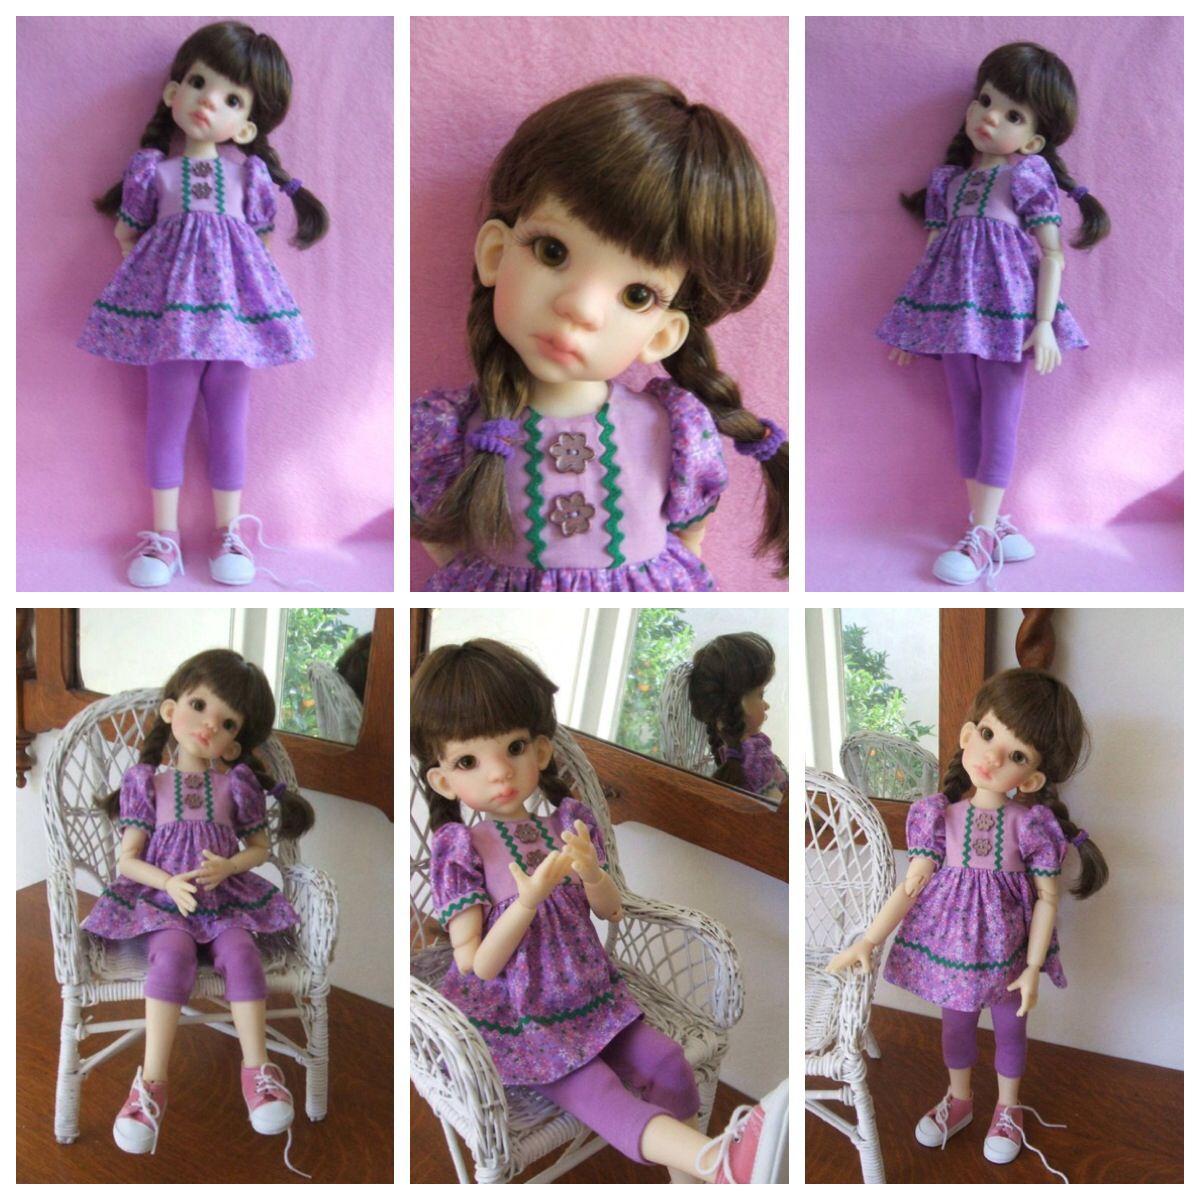 OOAK Handmade Outfit for Kaye Wiggs Talyssa MSD BJD on ebay!